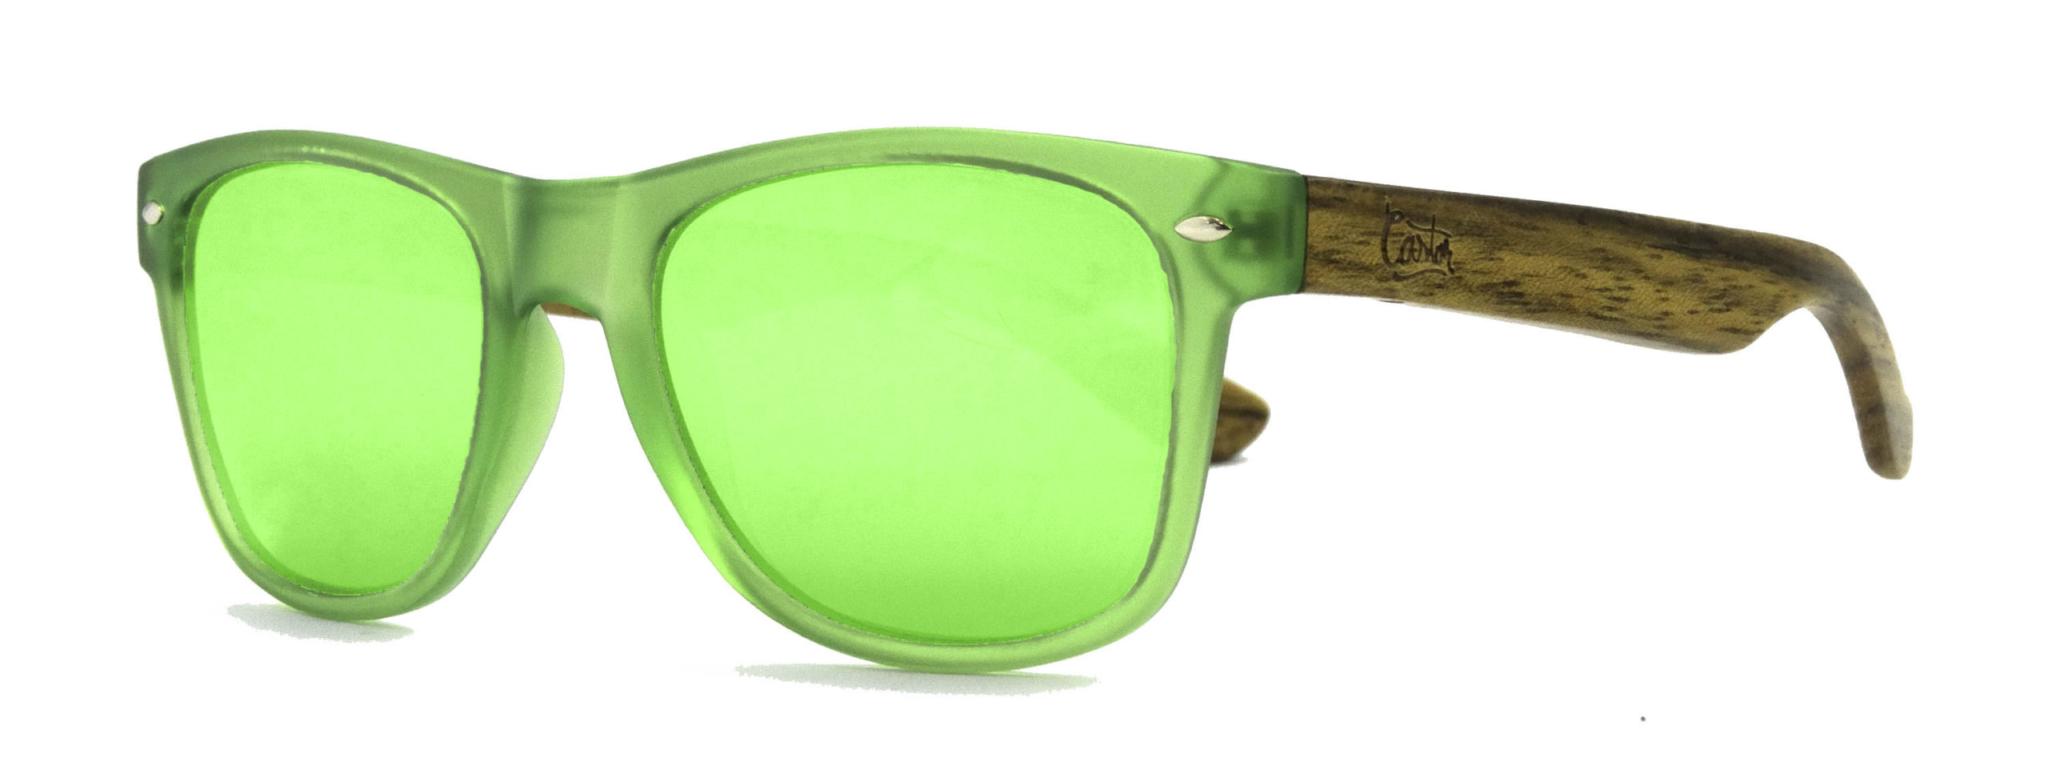 ee2e0fdf-036b-gafas-de-sol